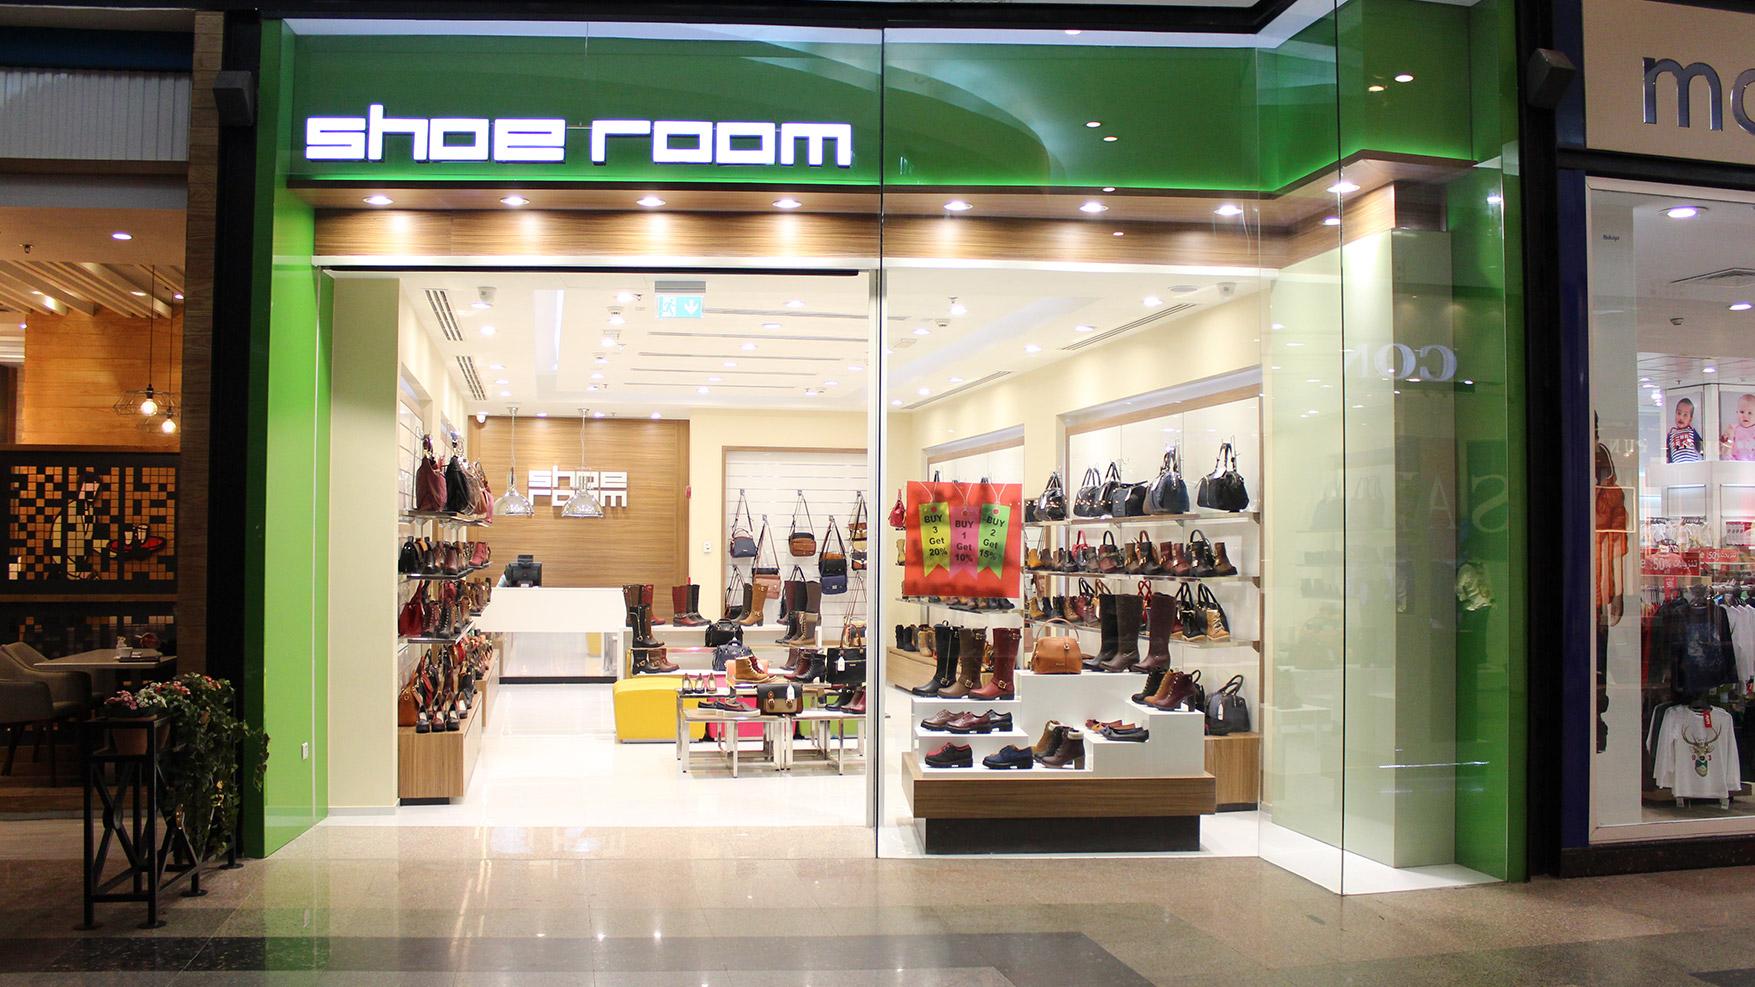 Shoeroom